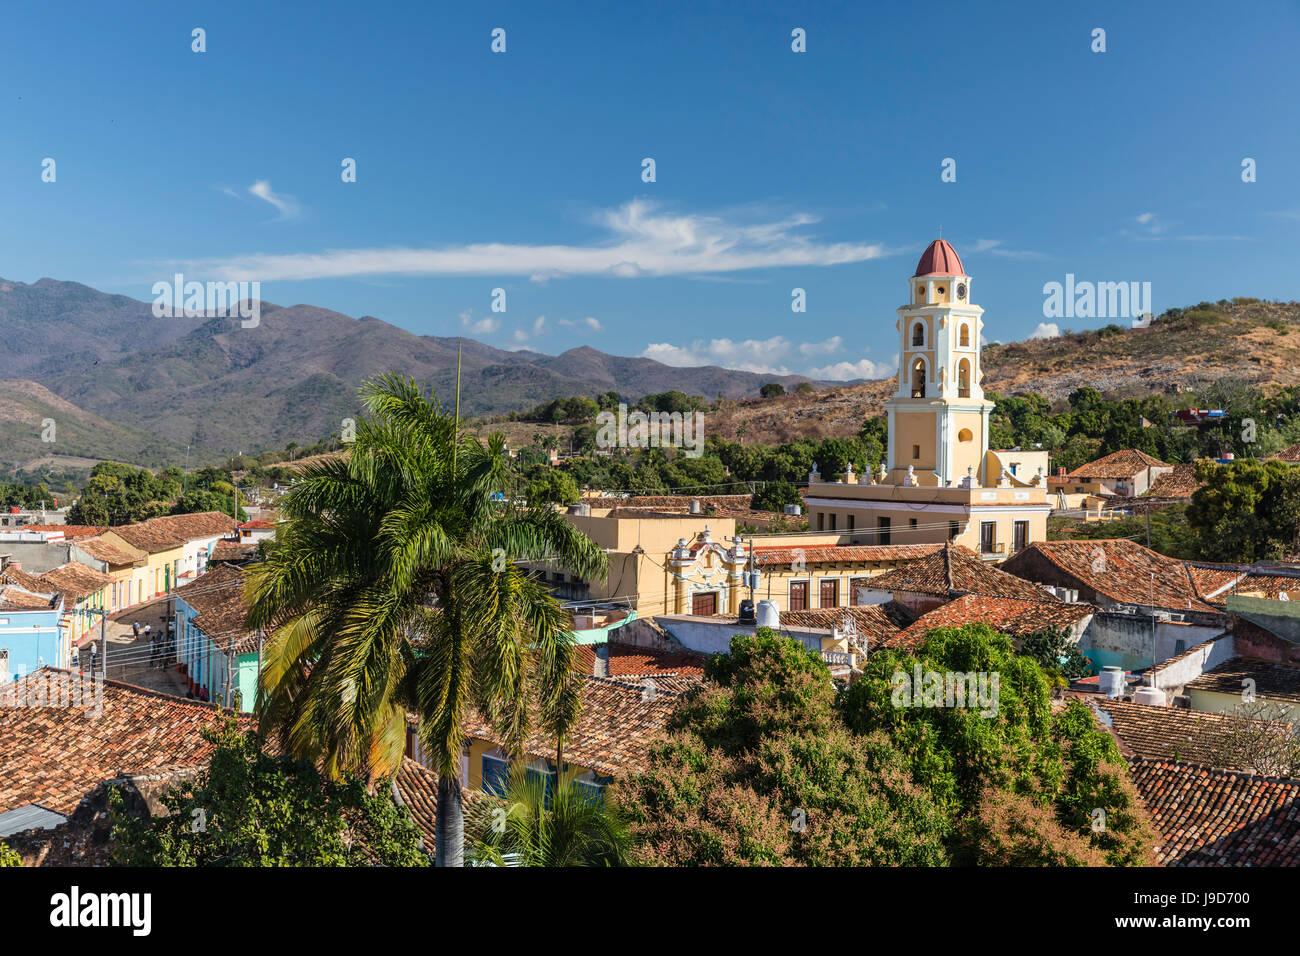 El Convento de San Francisco y la Plaza Mayor, Trinidad, Sitio del Patrimonio Mundial de la UNESCO, Cuba, Las Antillas, Imagen De Stock